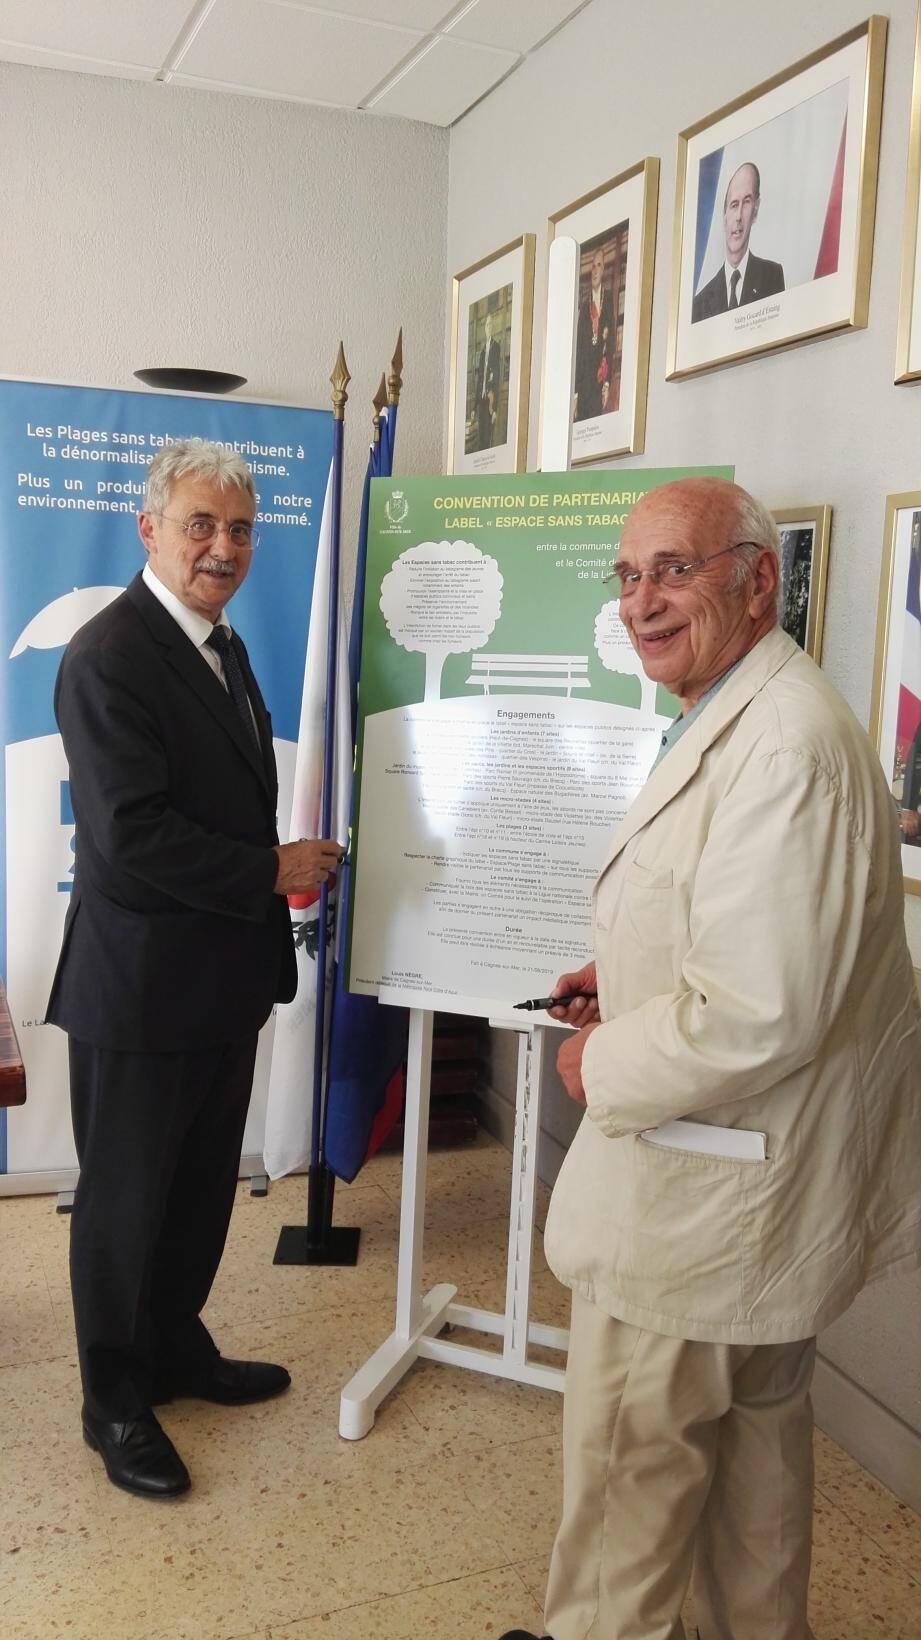 Hier après-midi, le maire de Cagnes, Louis Nègre et le comité de la Ligue contre le Cancer ont signé une convention « Espace sans tabac ».